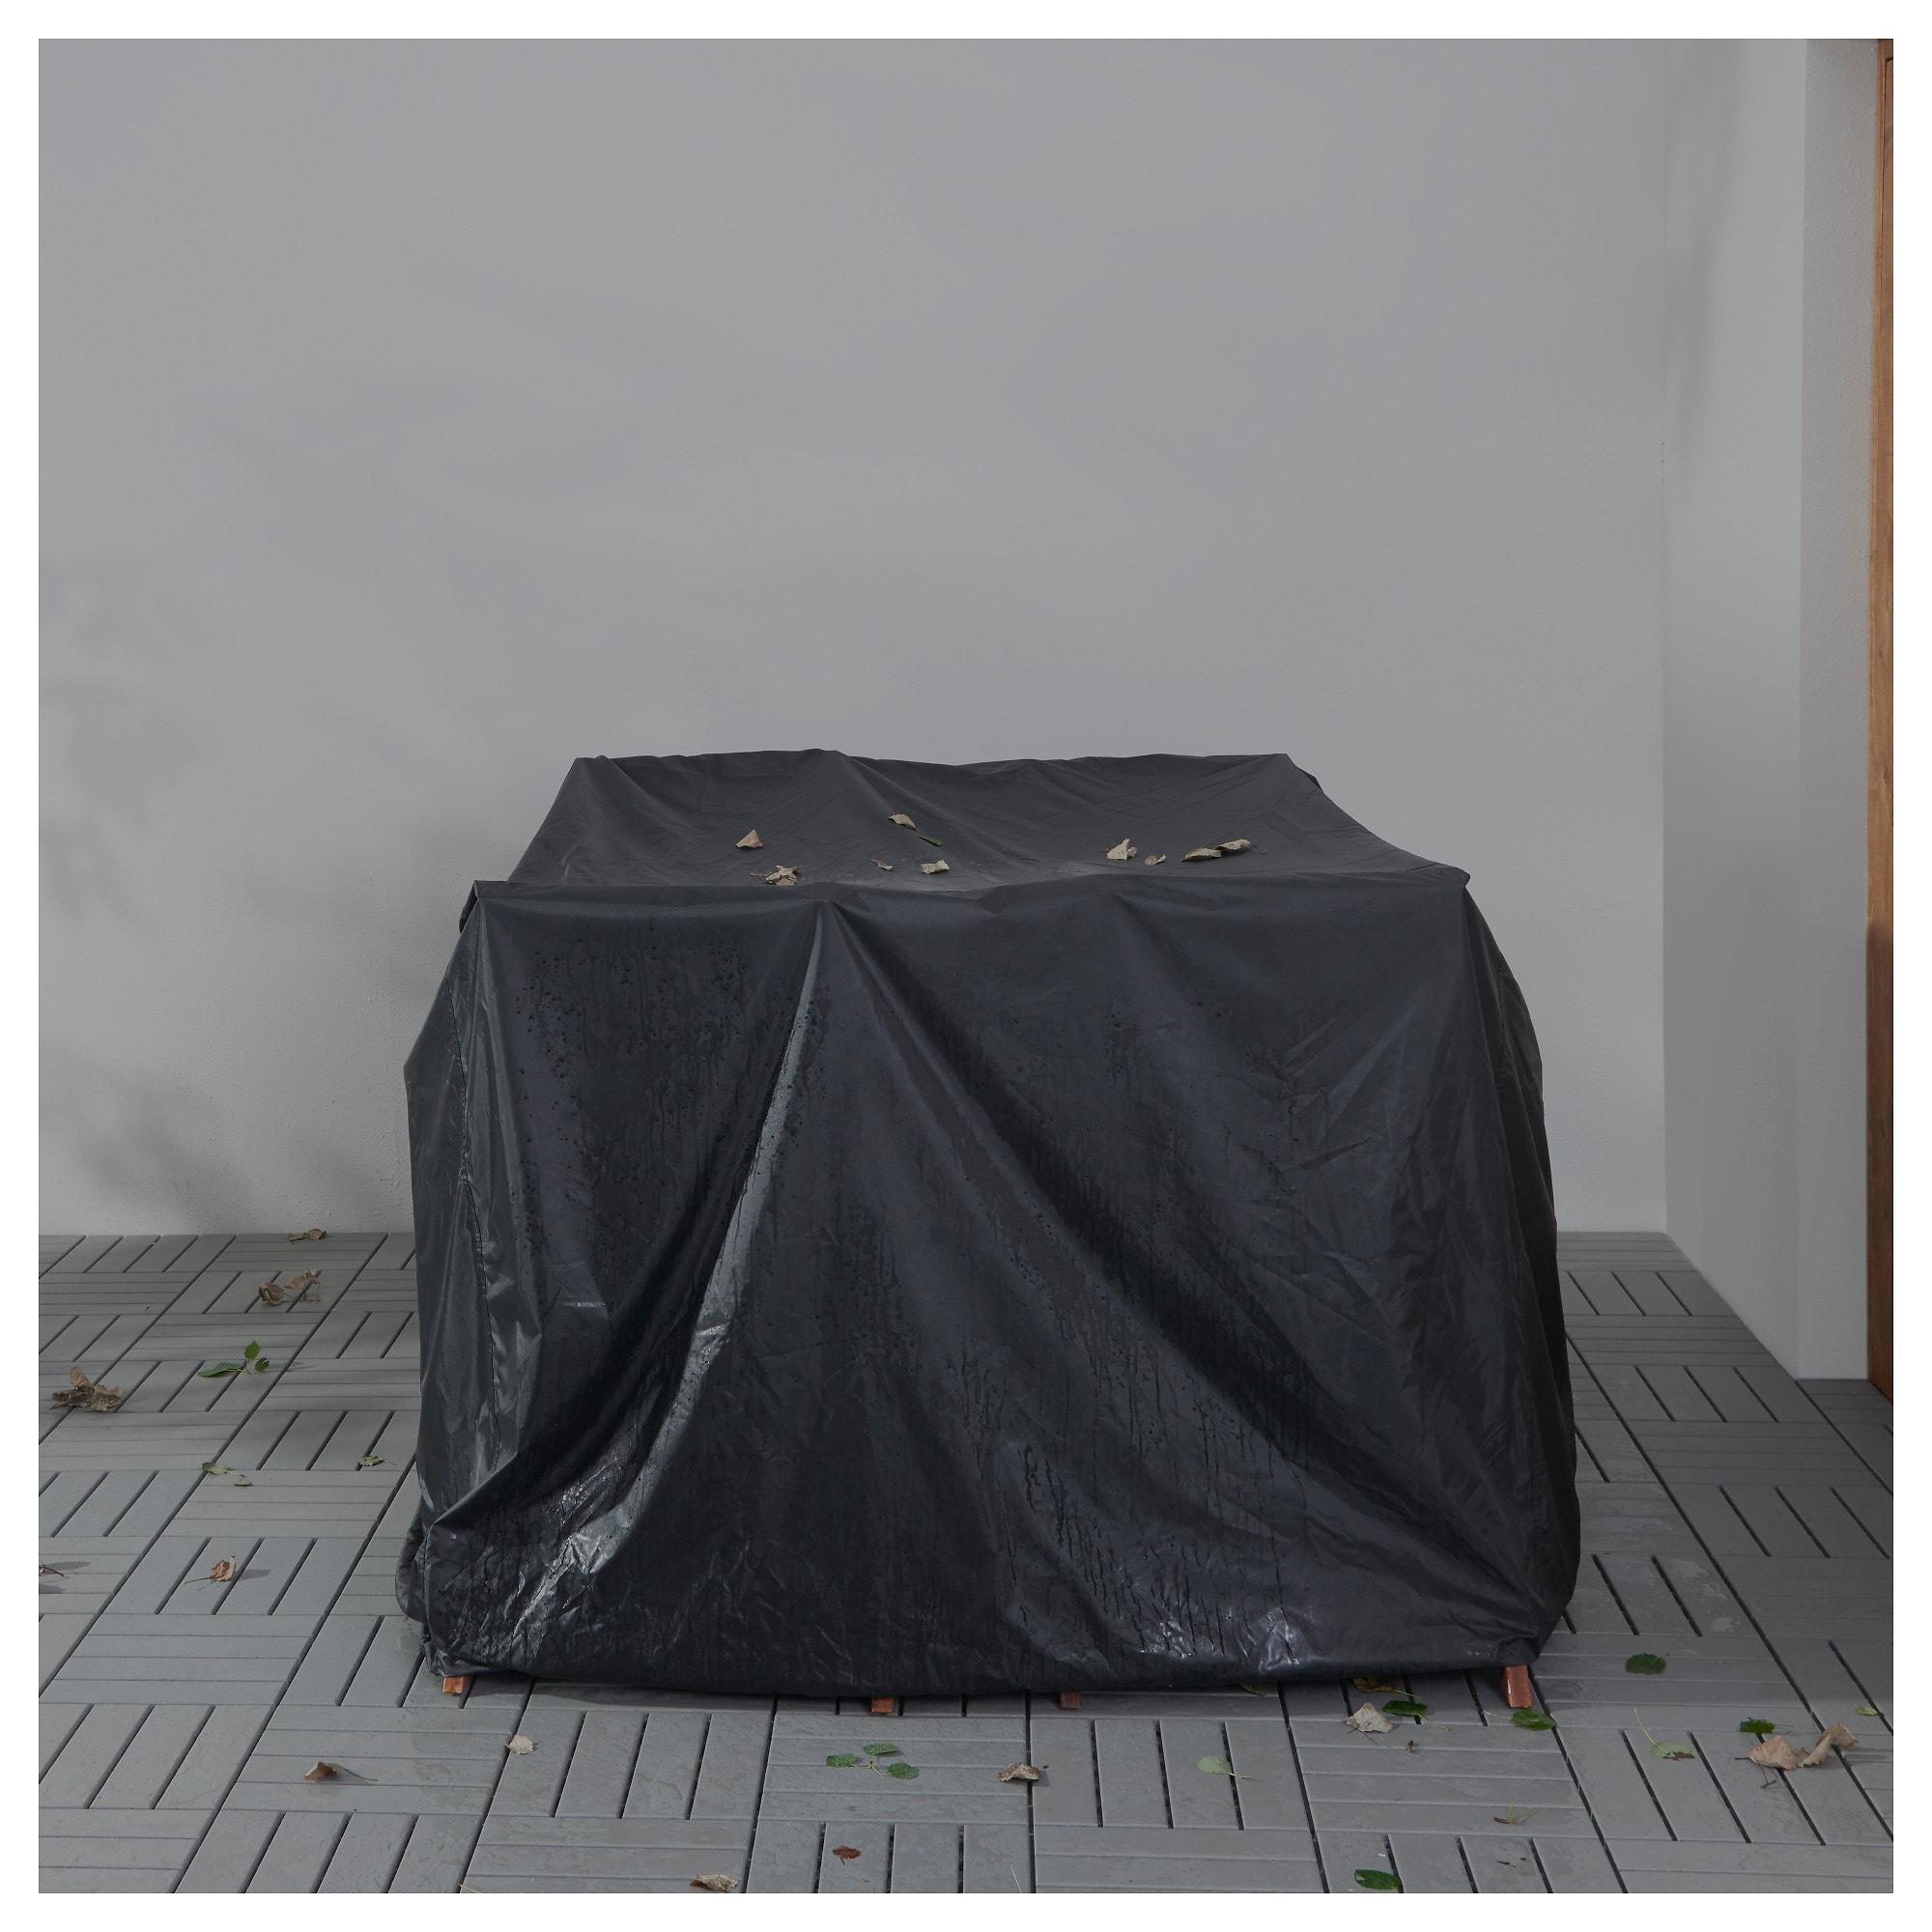 Стол + 4 кресла, для сада ЭПЛАРО бежевый артикуль № 692.289.44 в наличии. Интернет каталог ИКЕА Минск. Быстрая доставка и установка.